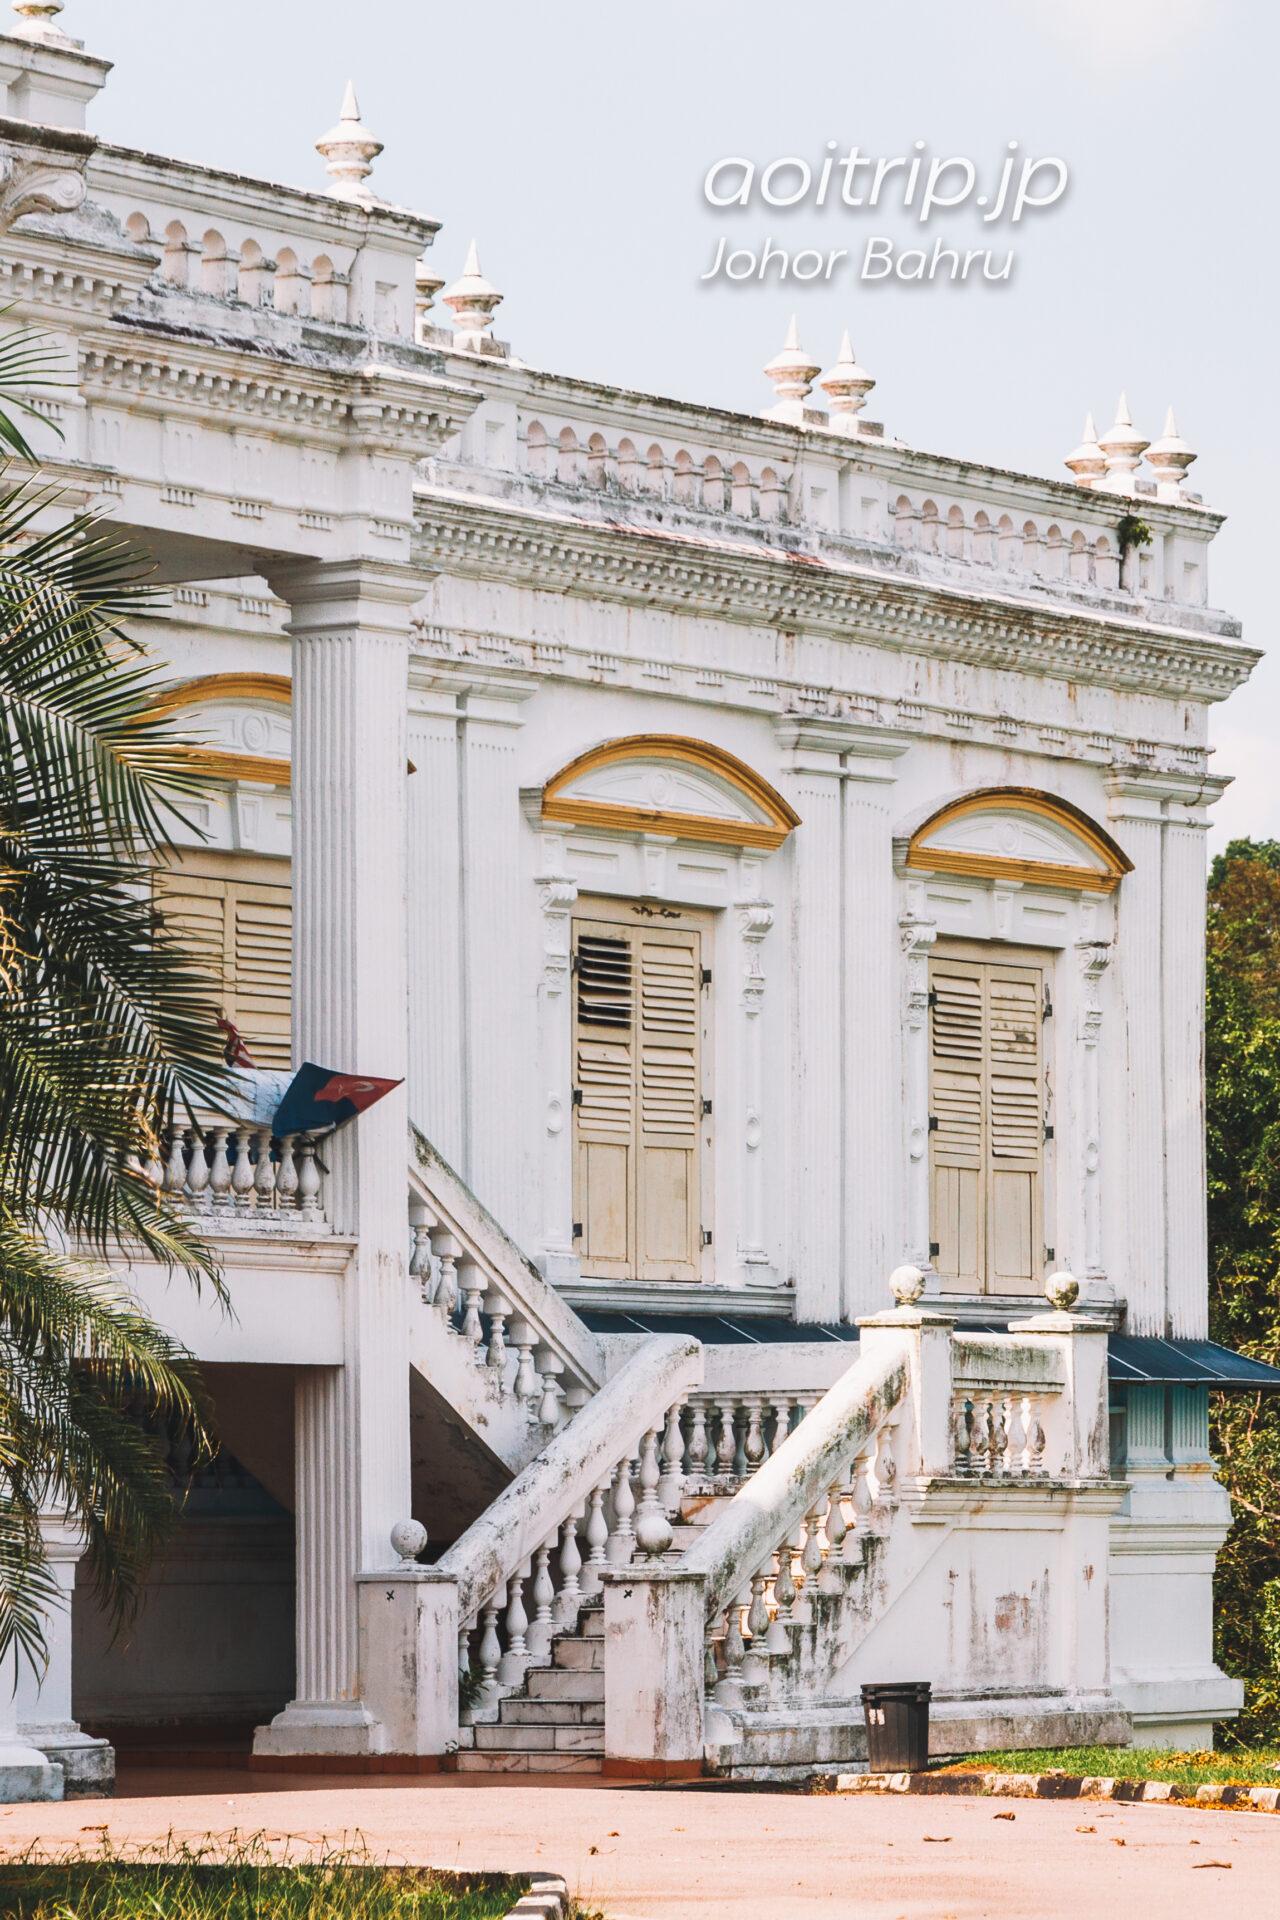 ジョホールバル スルタン アブ バカール モスク Sultan Abu Bakar Mosque